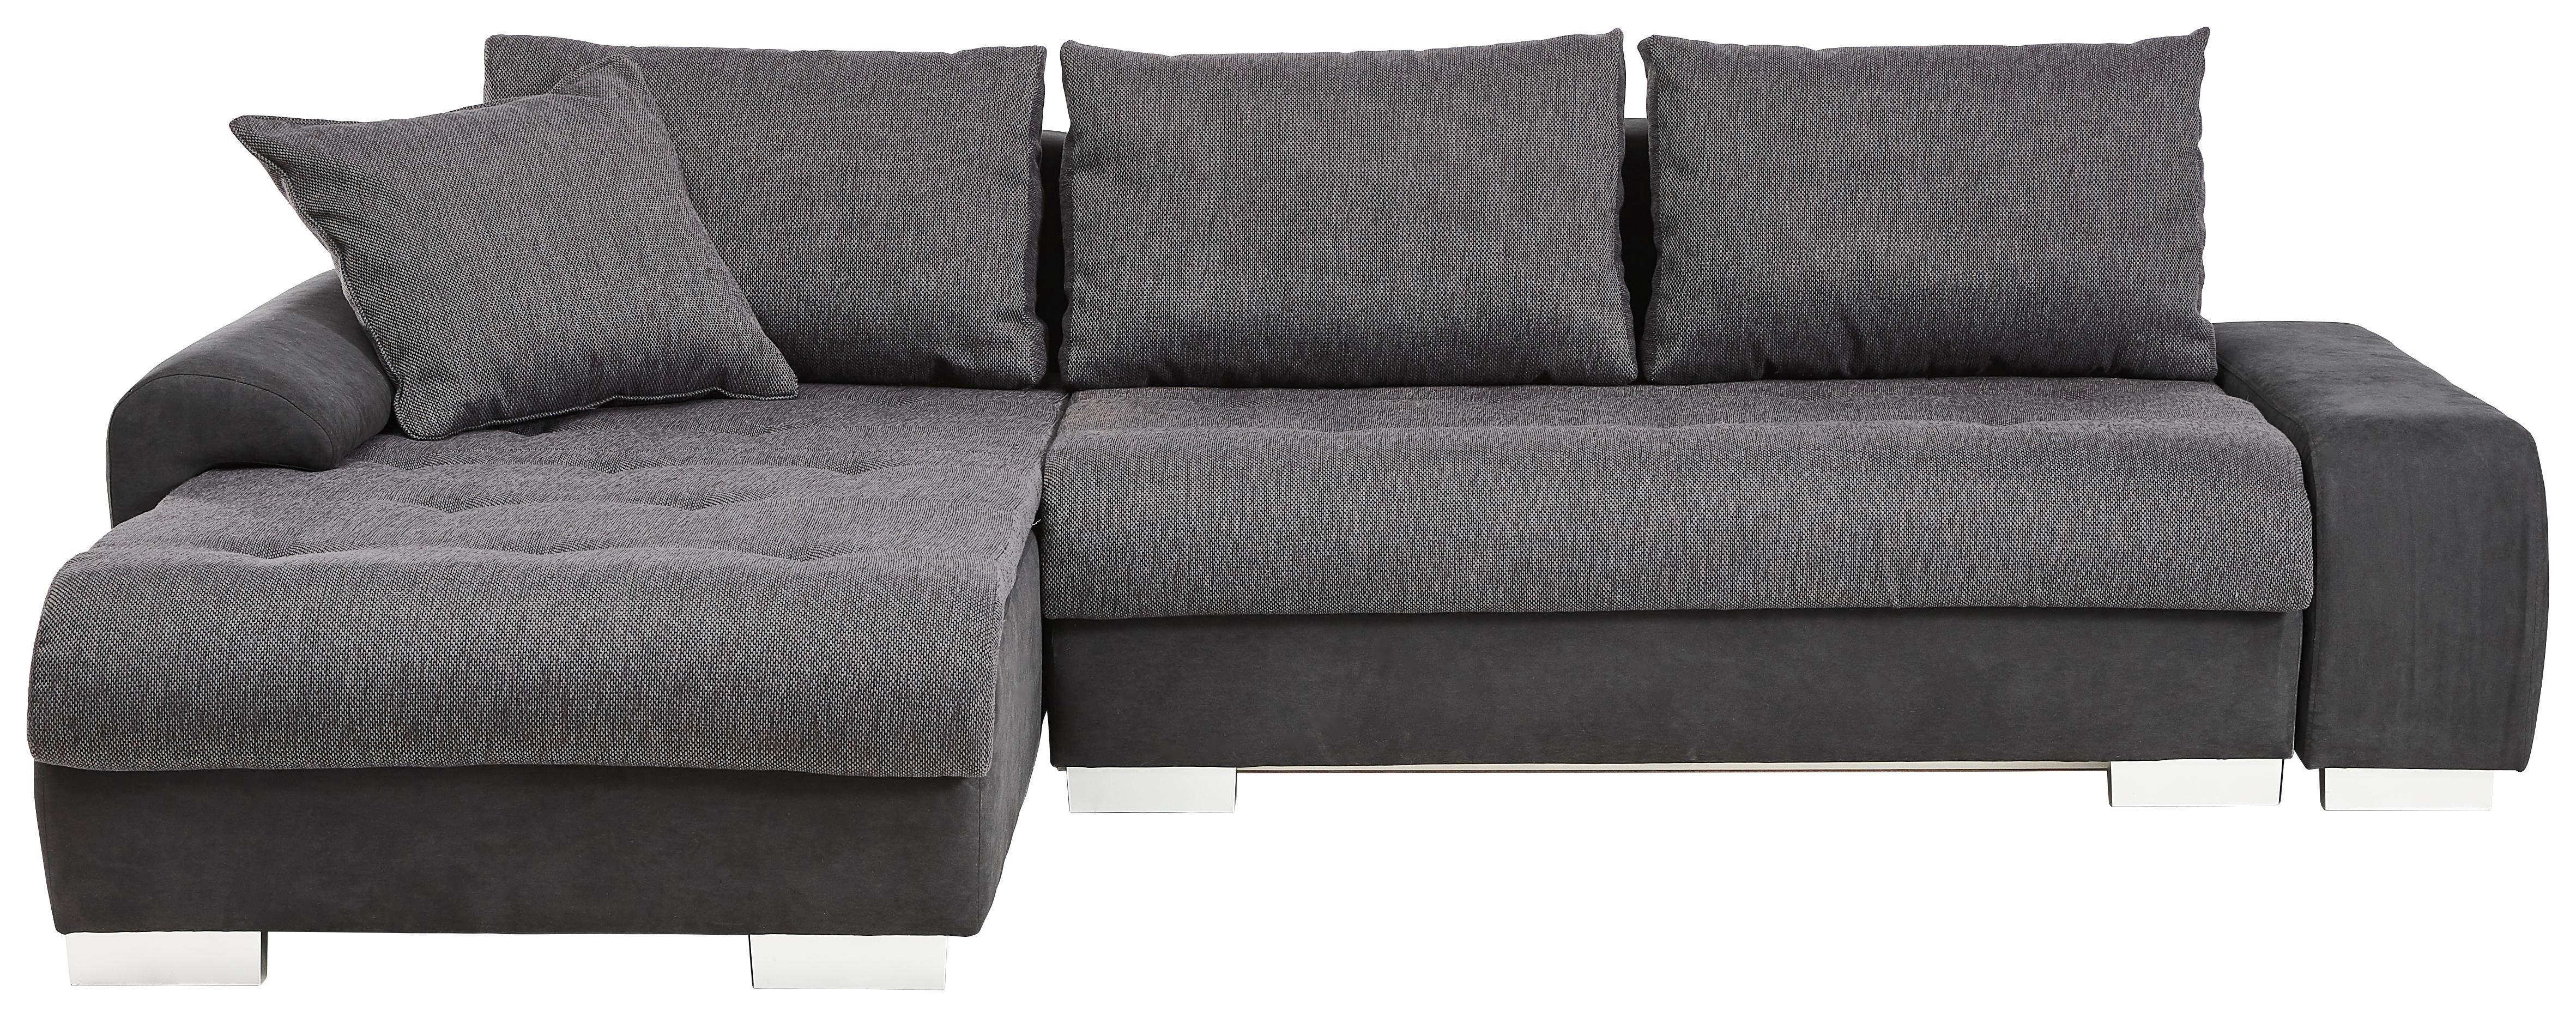 Wohnlandschaften - Couches - Wohnzimmer - Produkte | XXXLutz